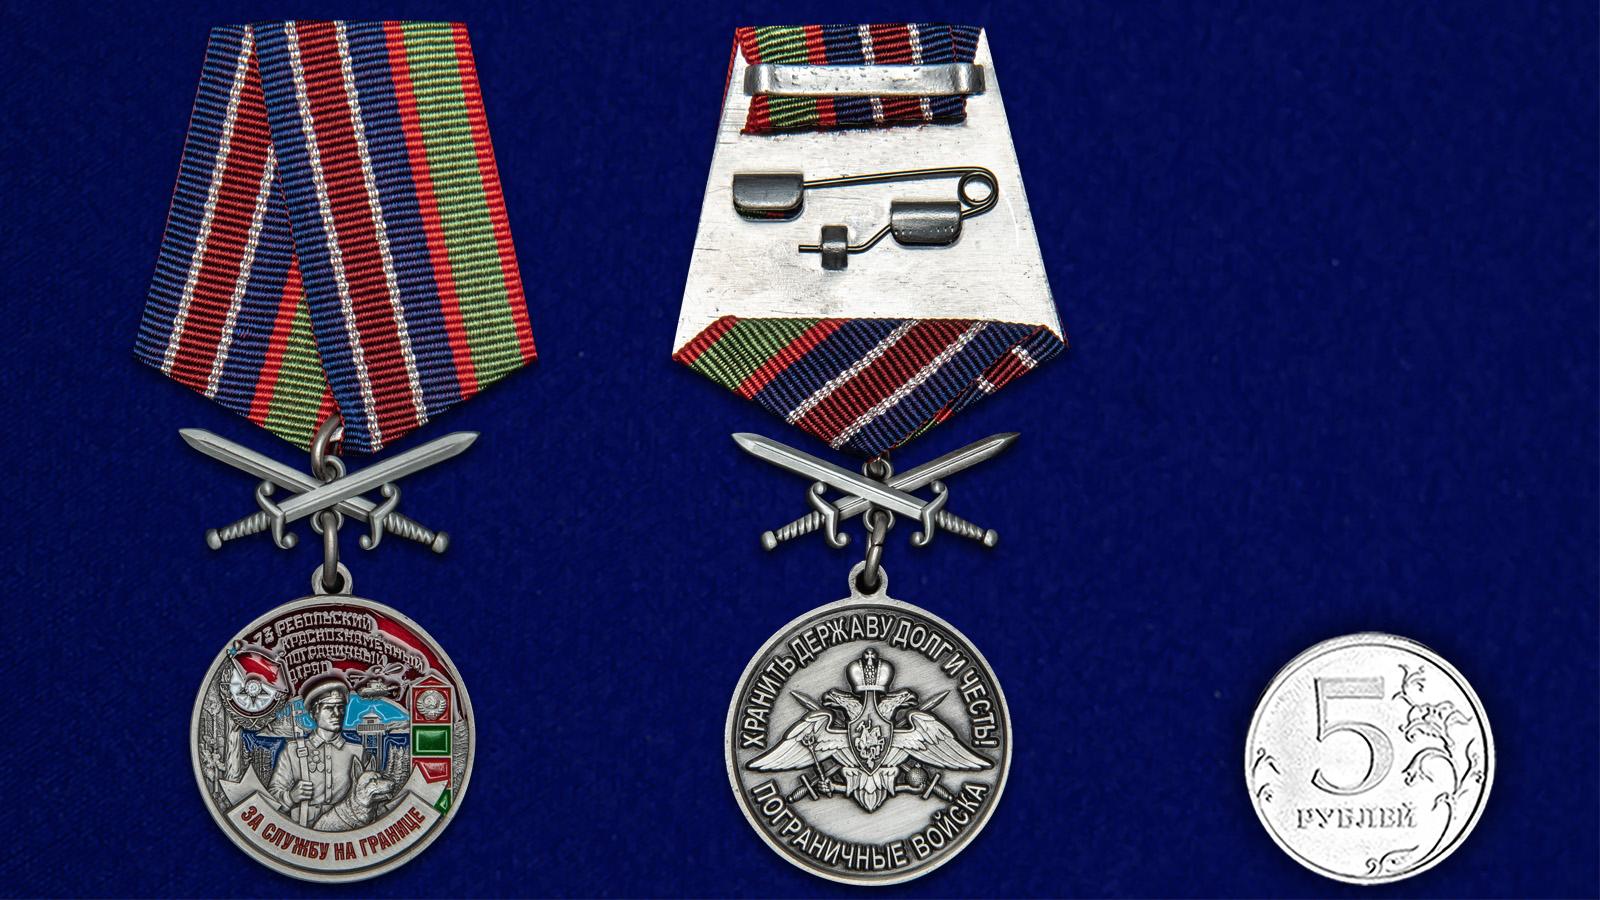 Нагрудная медаль За службу на границе (73 Ребольский ПогО) - сравнительный вид